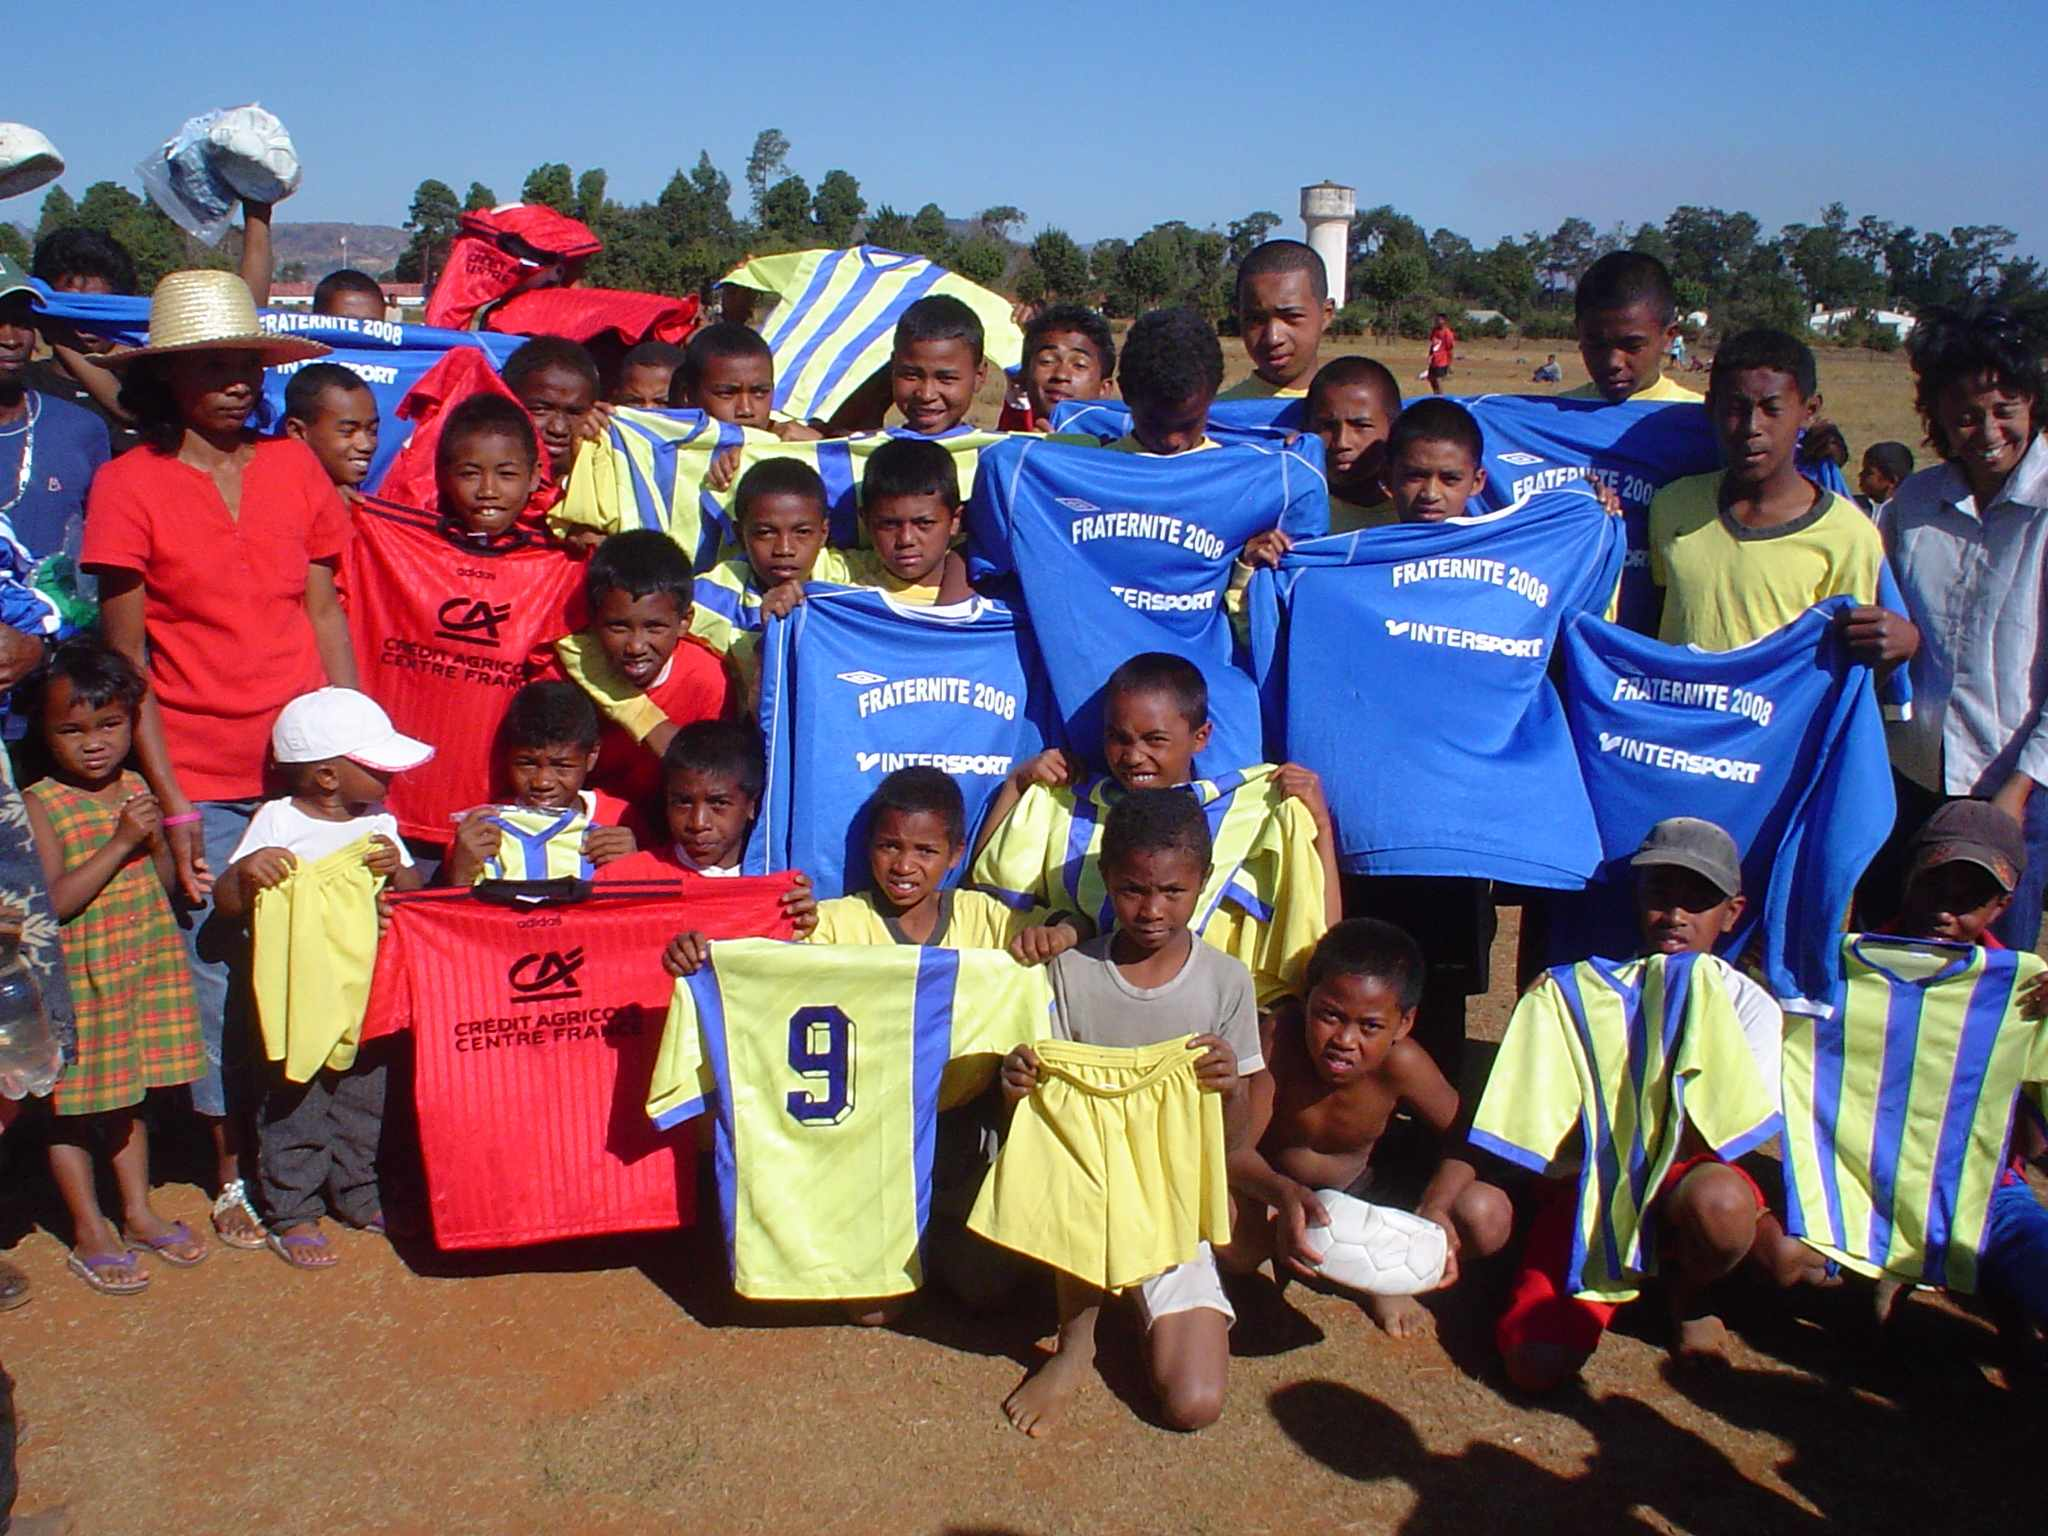 Une_équipe_de_foot_à_Madgascar_reçoit_les_maillots_Fraternité_vf_2008